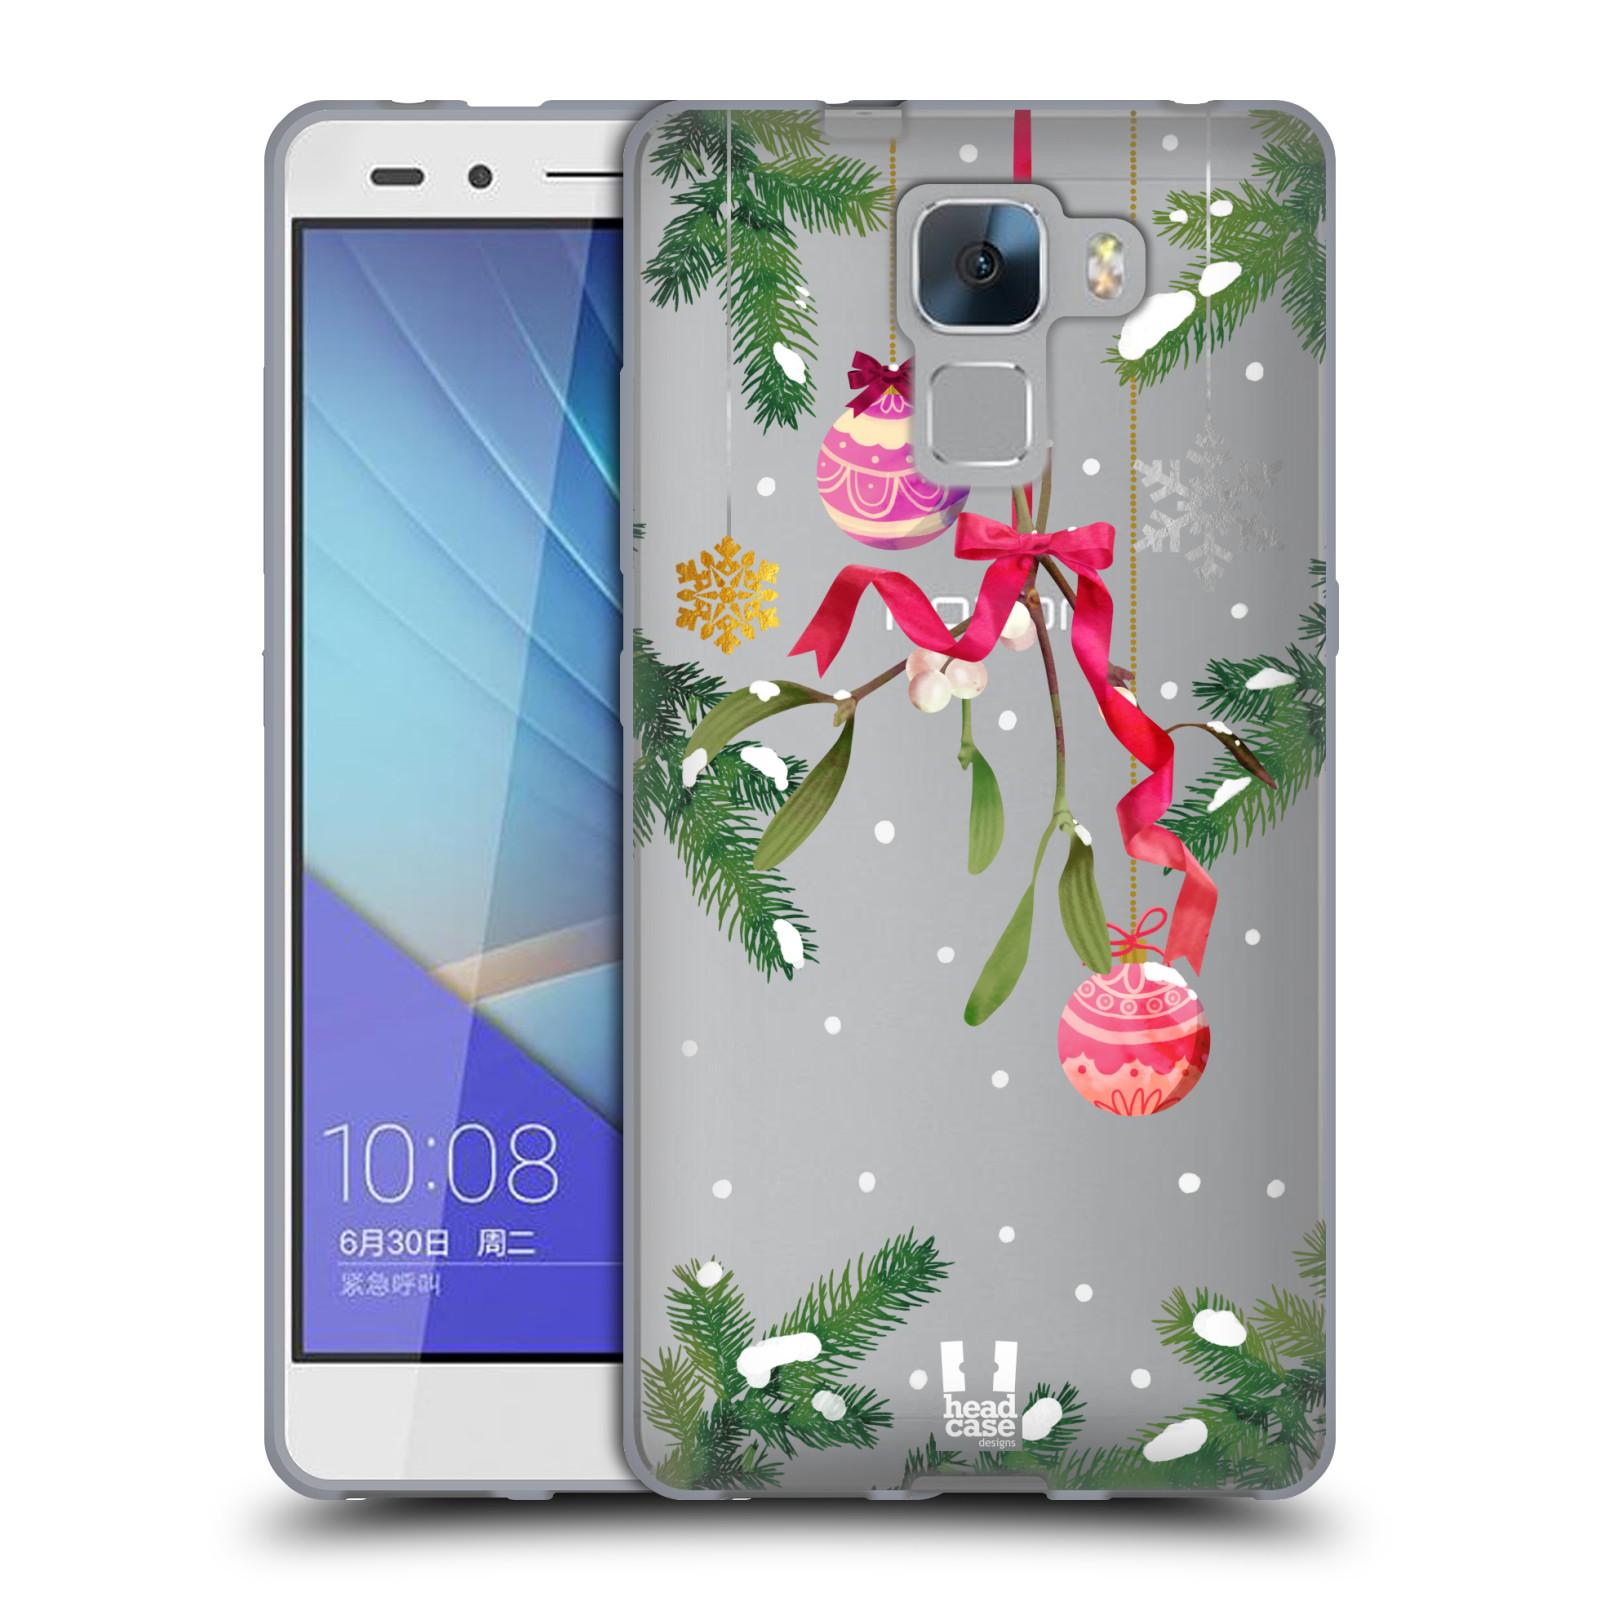 Silikonové pouzdro na mobil Honor 7 - Head Case - Větvičky a vánoční ozdoby